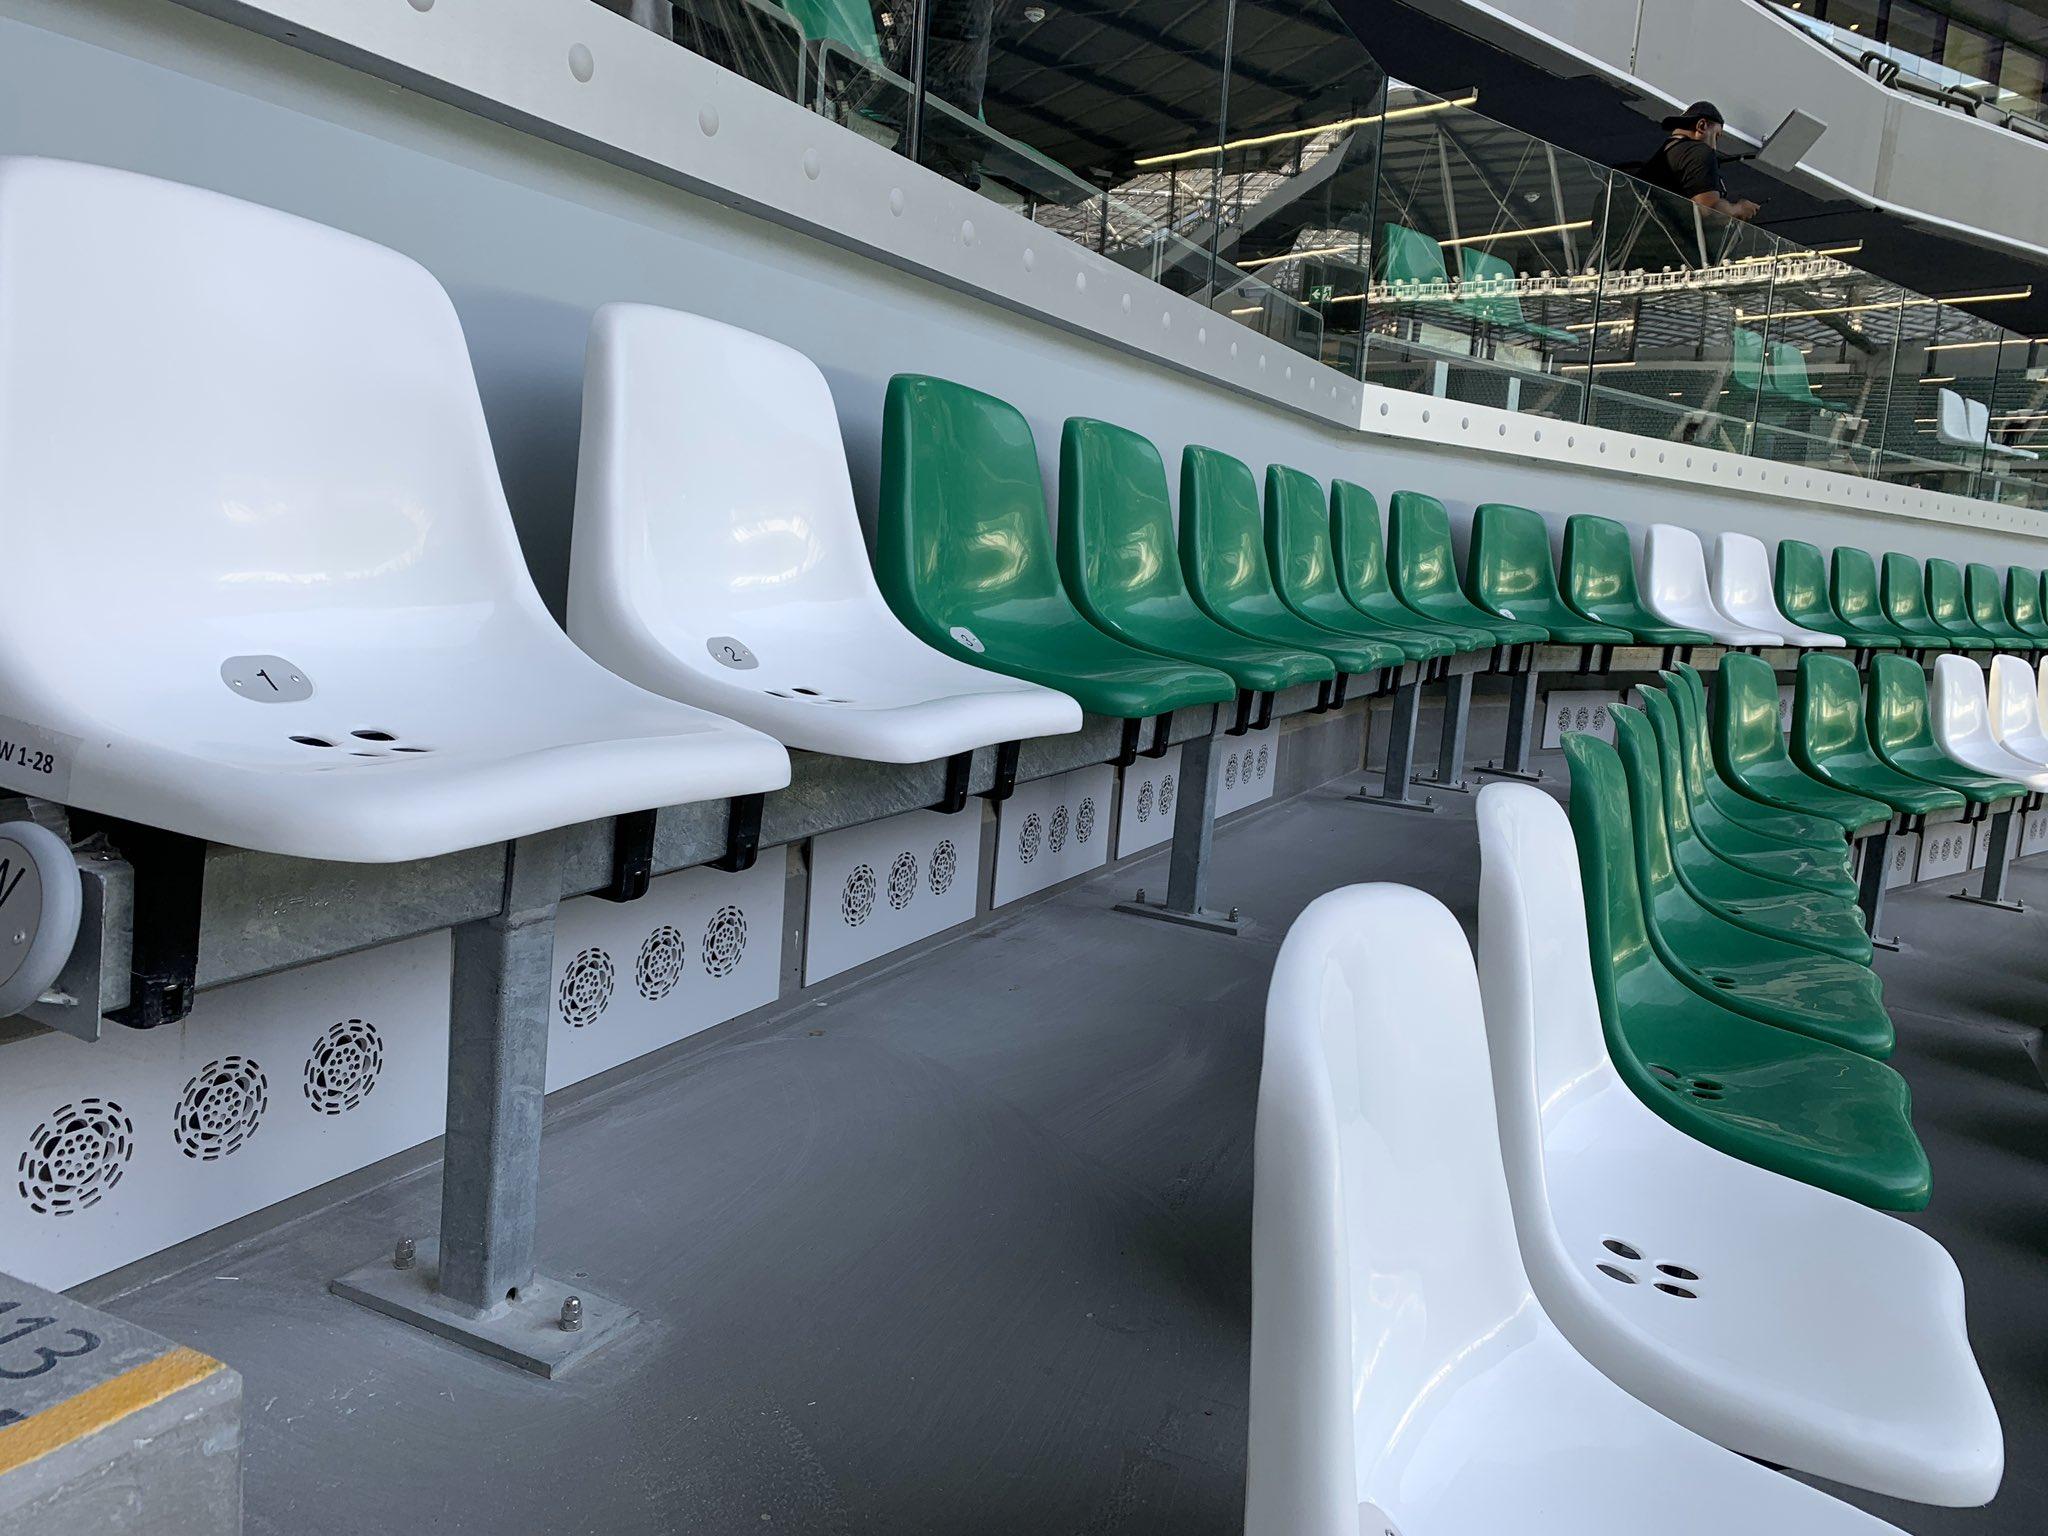 二图流:世界杯临近,卡塔尔球场内的空调座椅正在安装